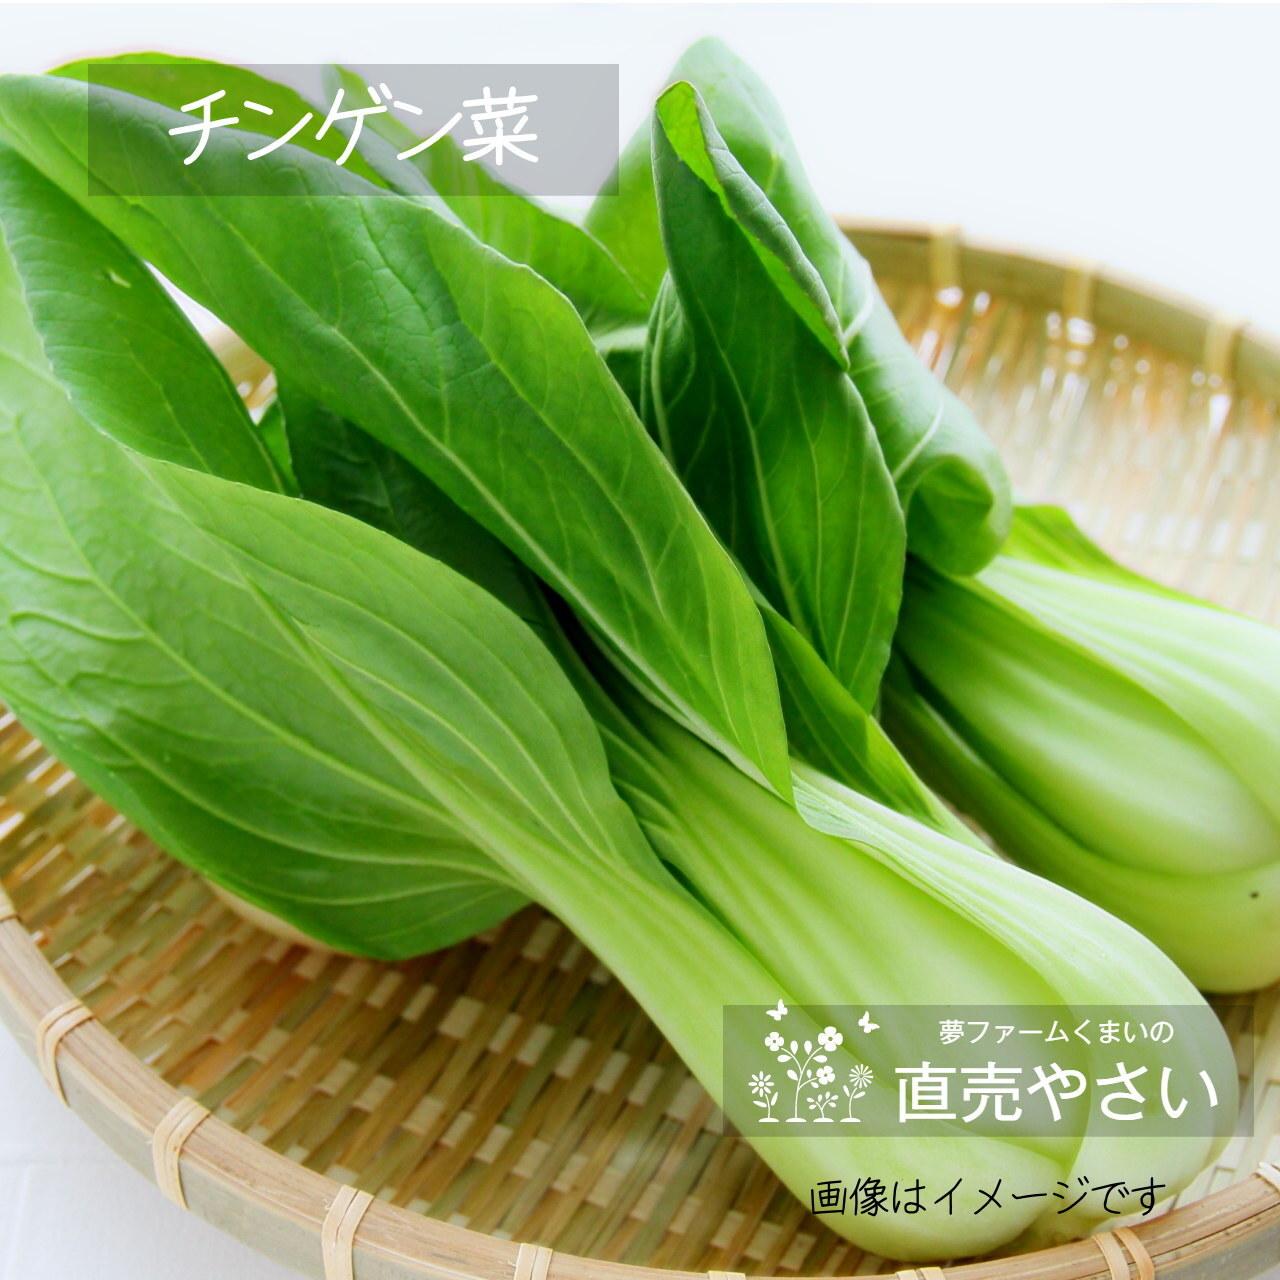 チンゲン菜 約180g前後 2~4株: 5月の朝採り直売野菜 春の新鮮野菜  5月16日発送予定